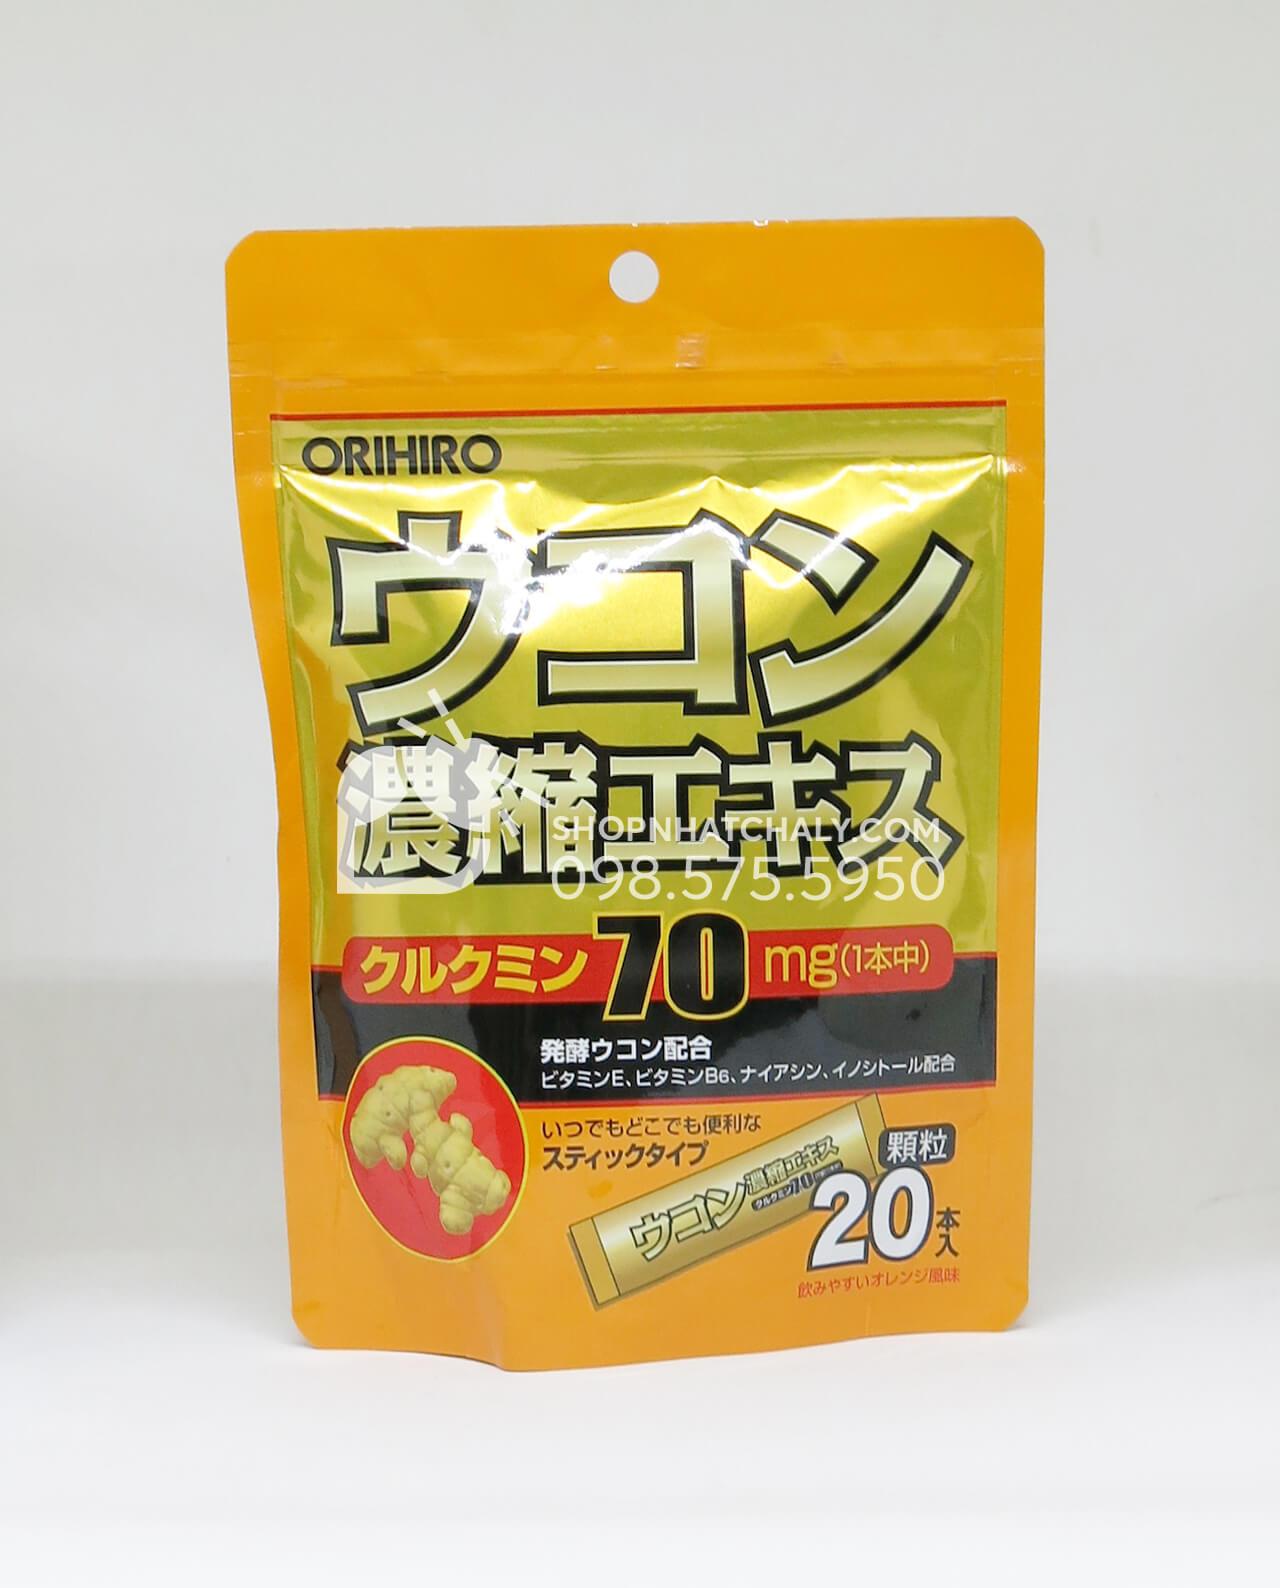 Túi bột nghệ giải độc gan Orihiro gồm 20 gói đóng pack riêng rất tiện lợi. Curucumin là thành phần chính giúp chống hấp thụ các chất có hại vào gan, chống say rượu, hạn chế tác dụng của rượu bia và thanh lọc gan nhanh chóng